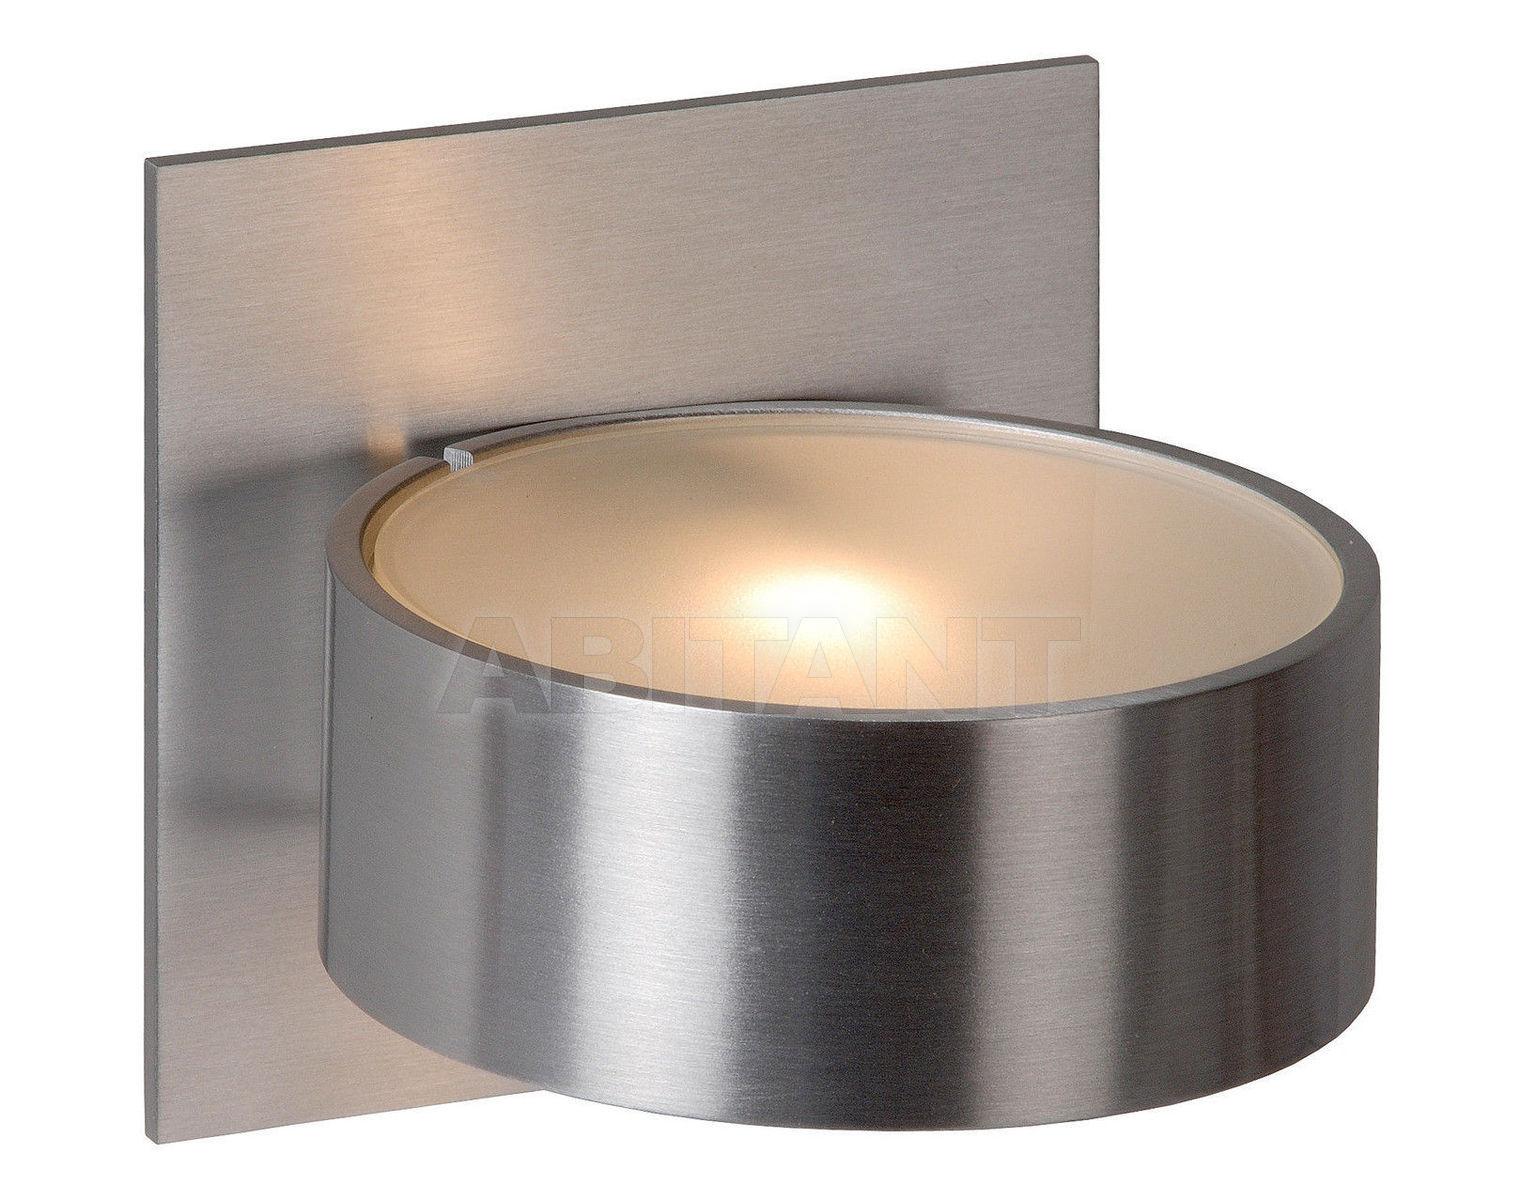 Купить Светильник настенный BOK Lucide  Technical 17211/01/12